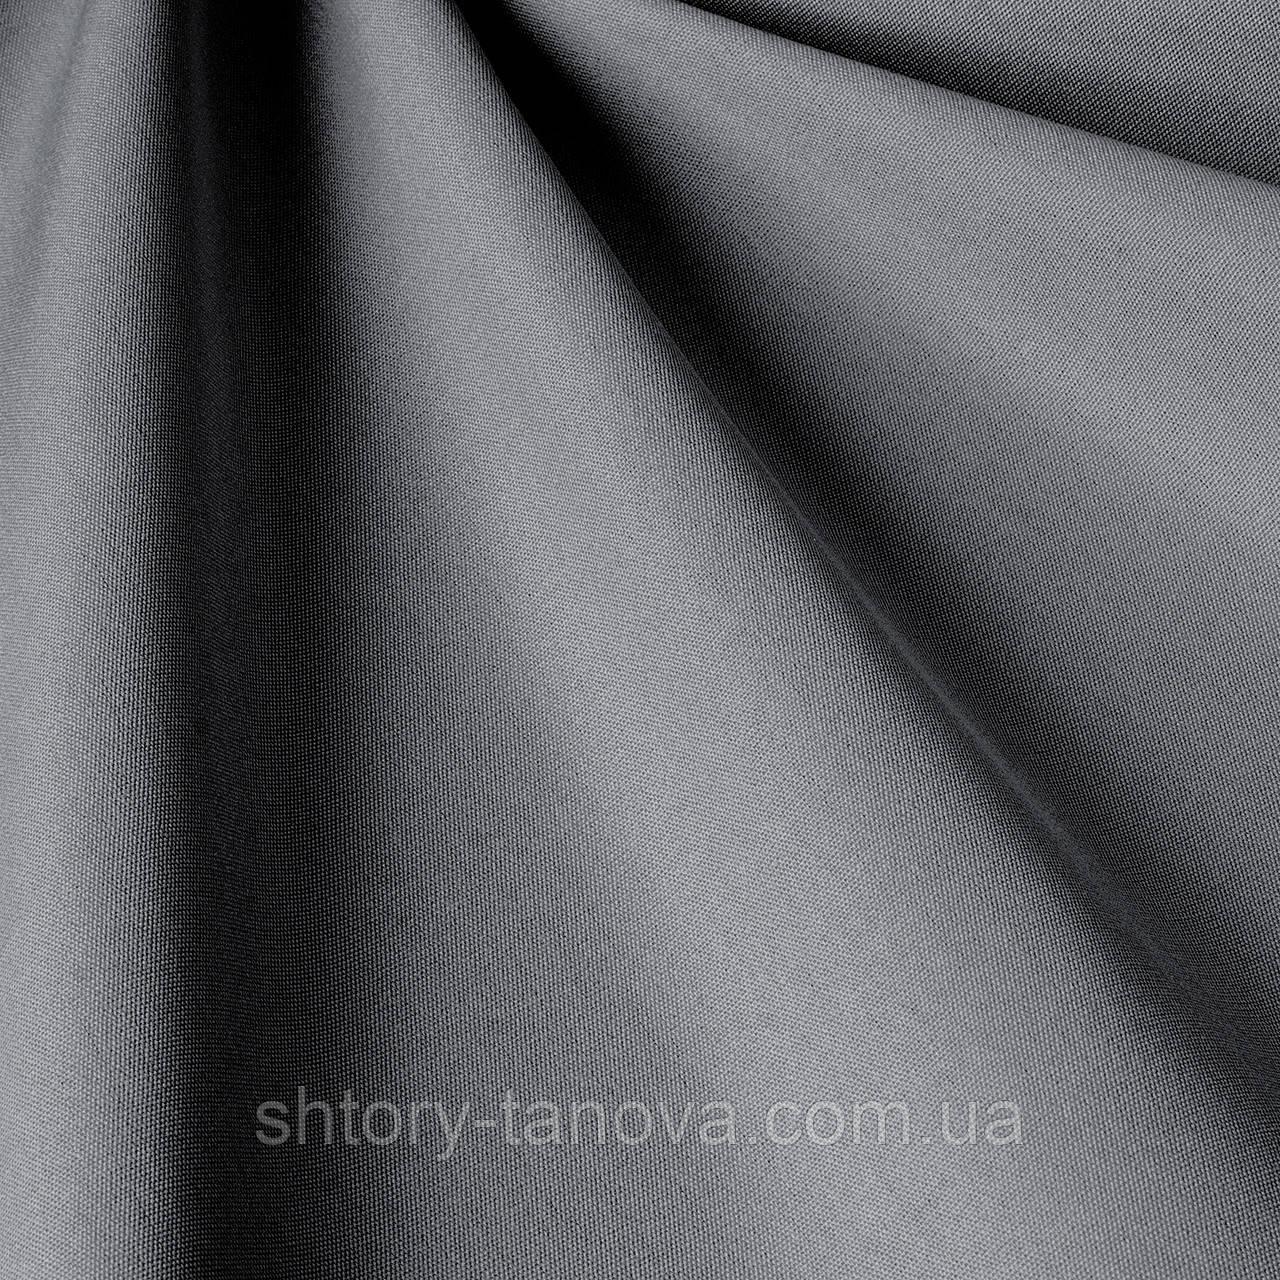 Однотонна вулична тканина темно-сірого кольору